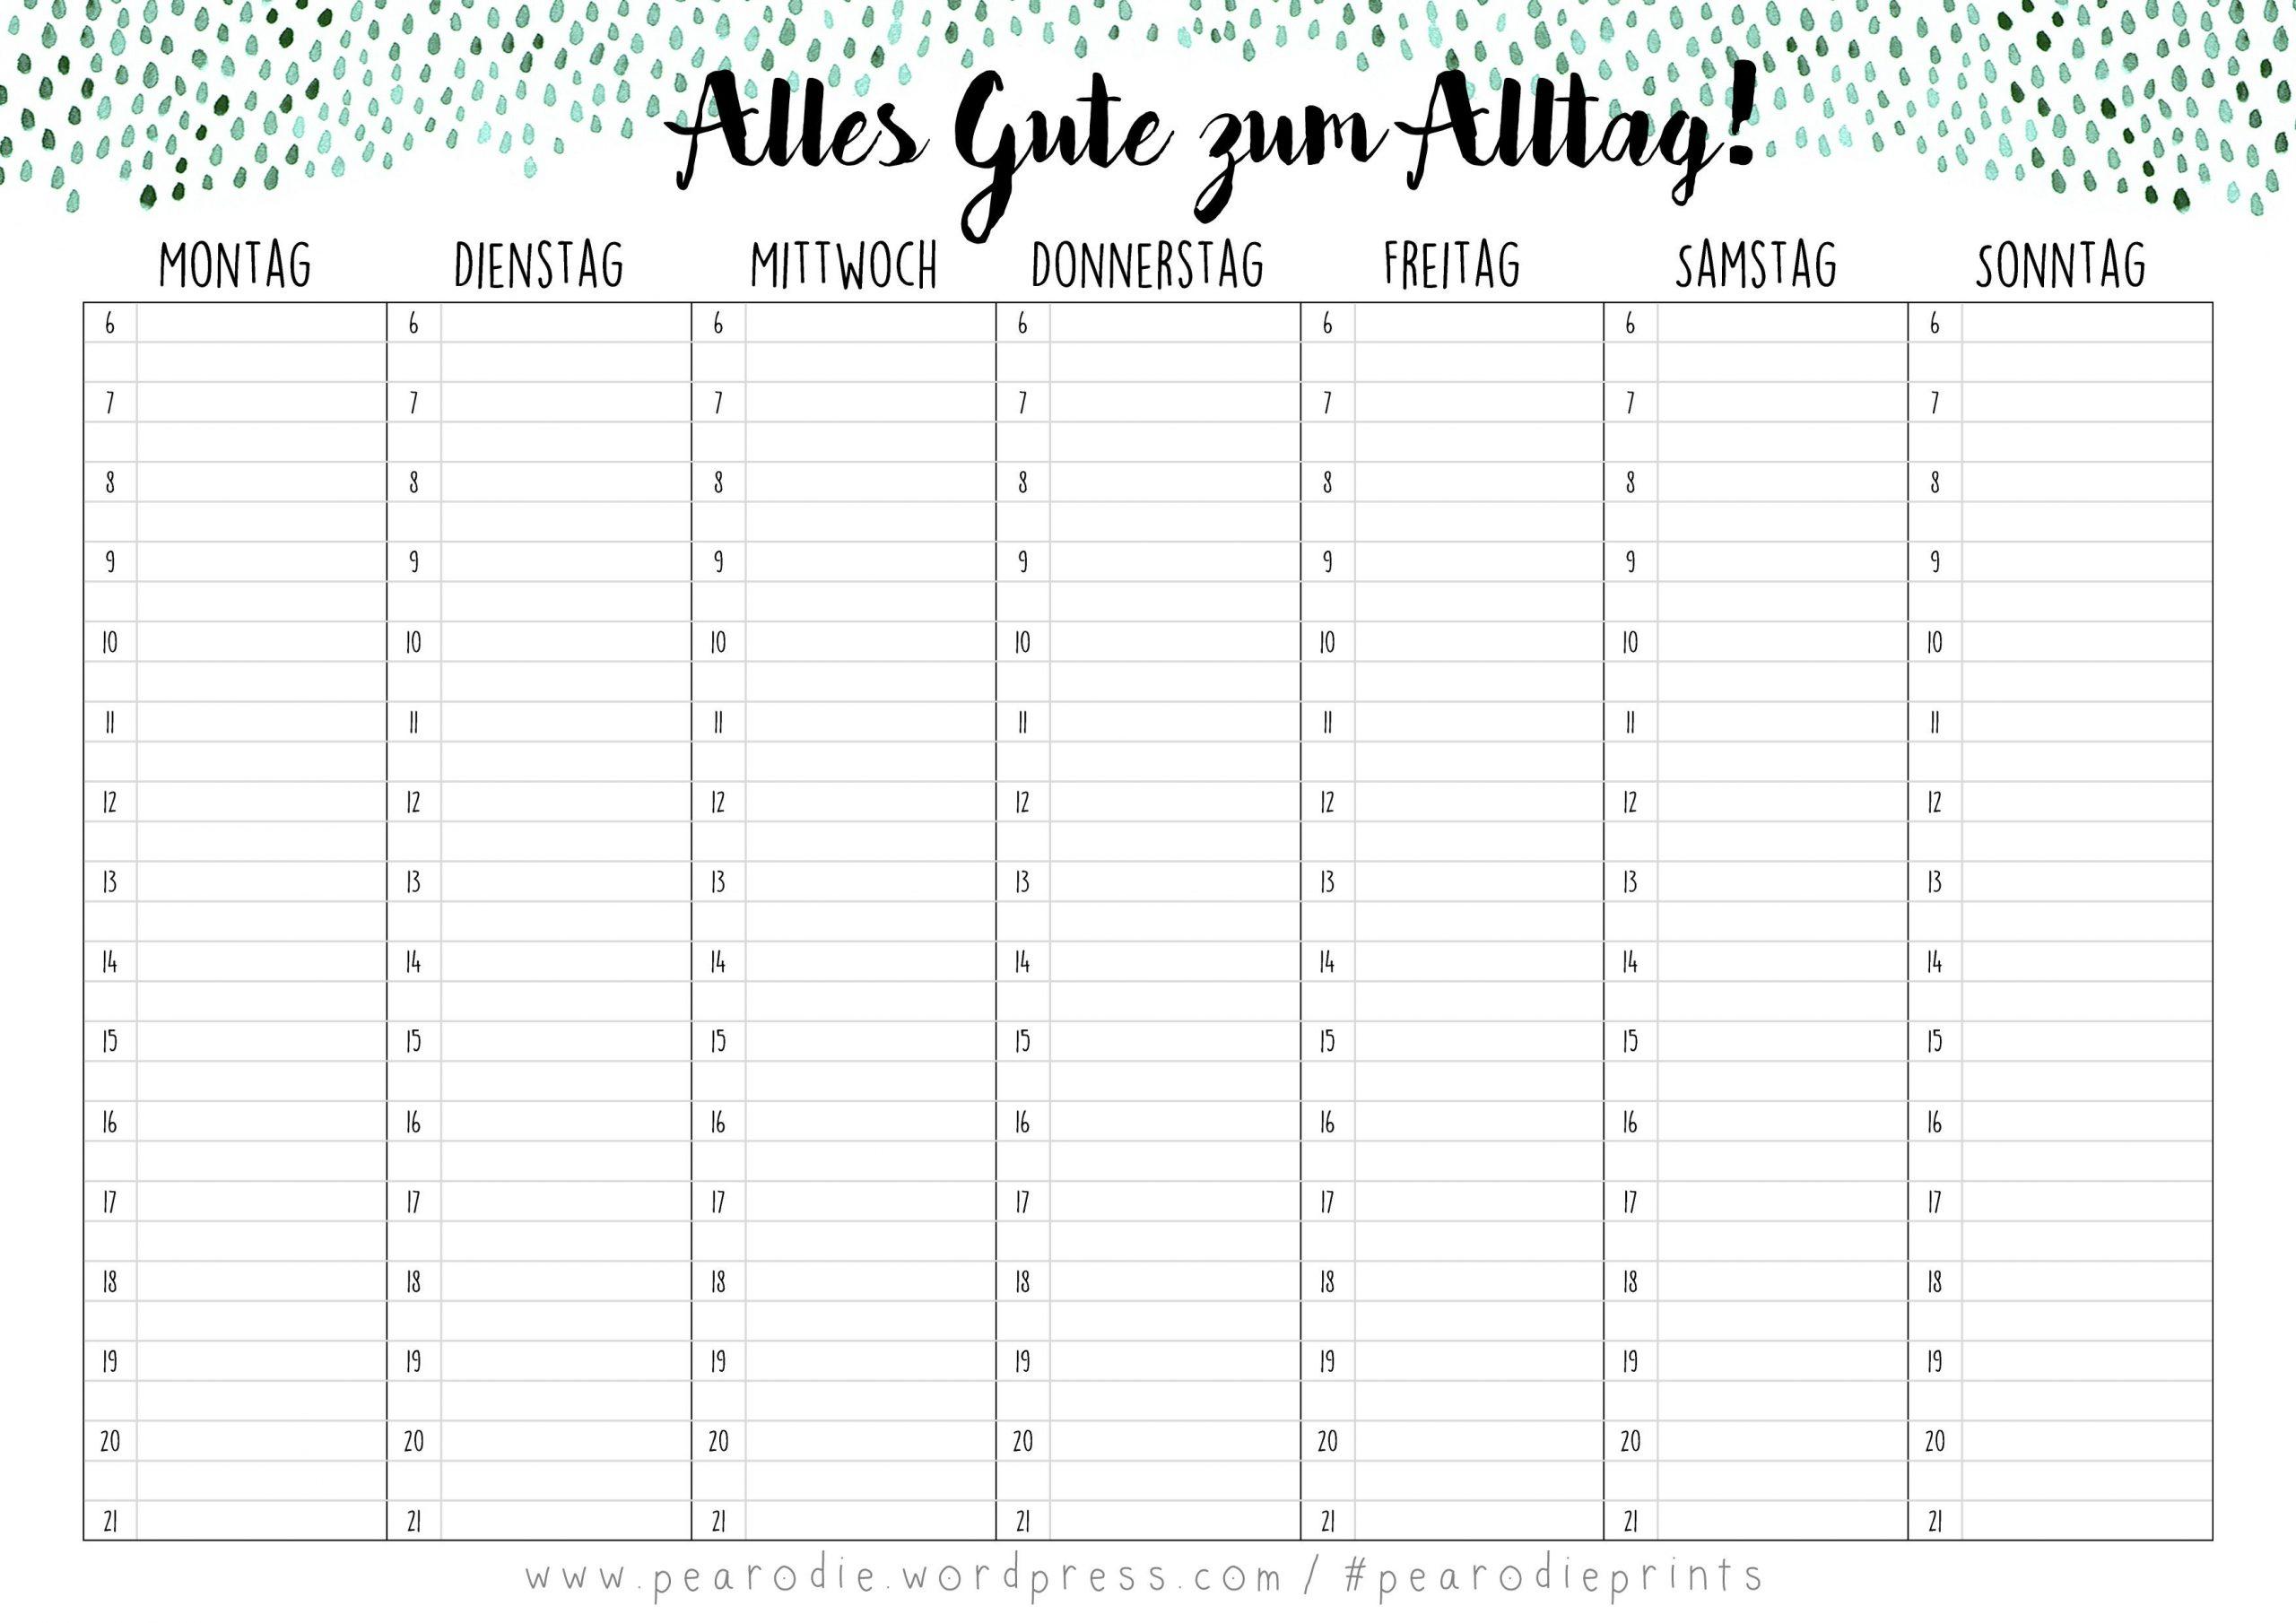 Alles Gute Zum Alltag! – Stundenplan Free Print (Mit Bildern verwandt mit Stundenplan Online Erstellen Kostenlos